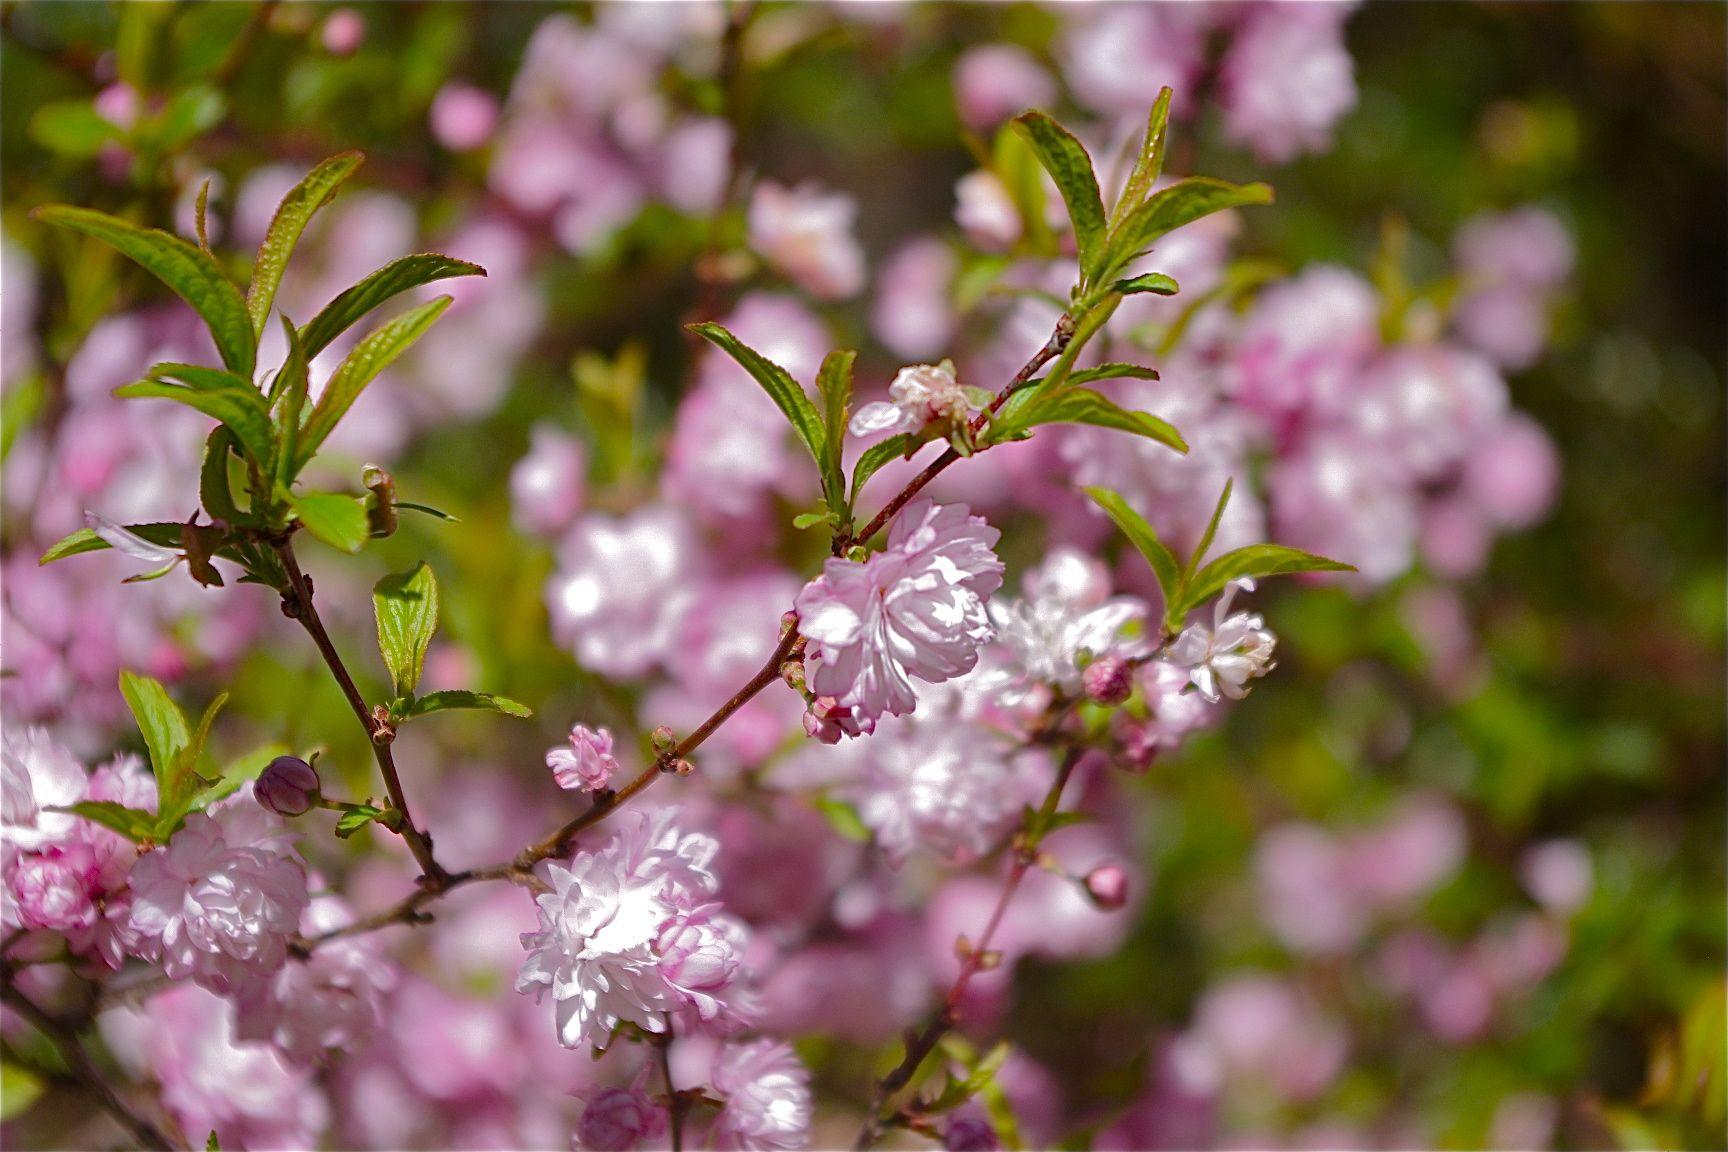 A closer look at spring